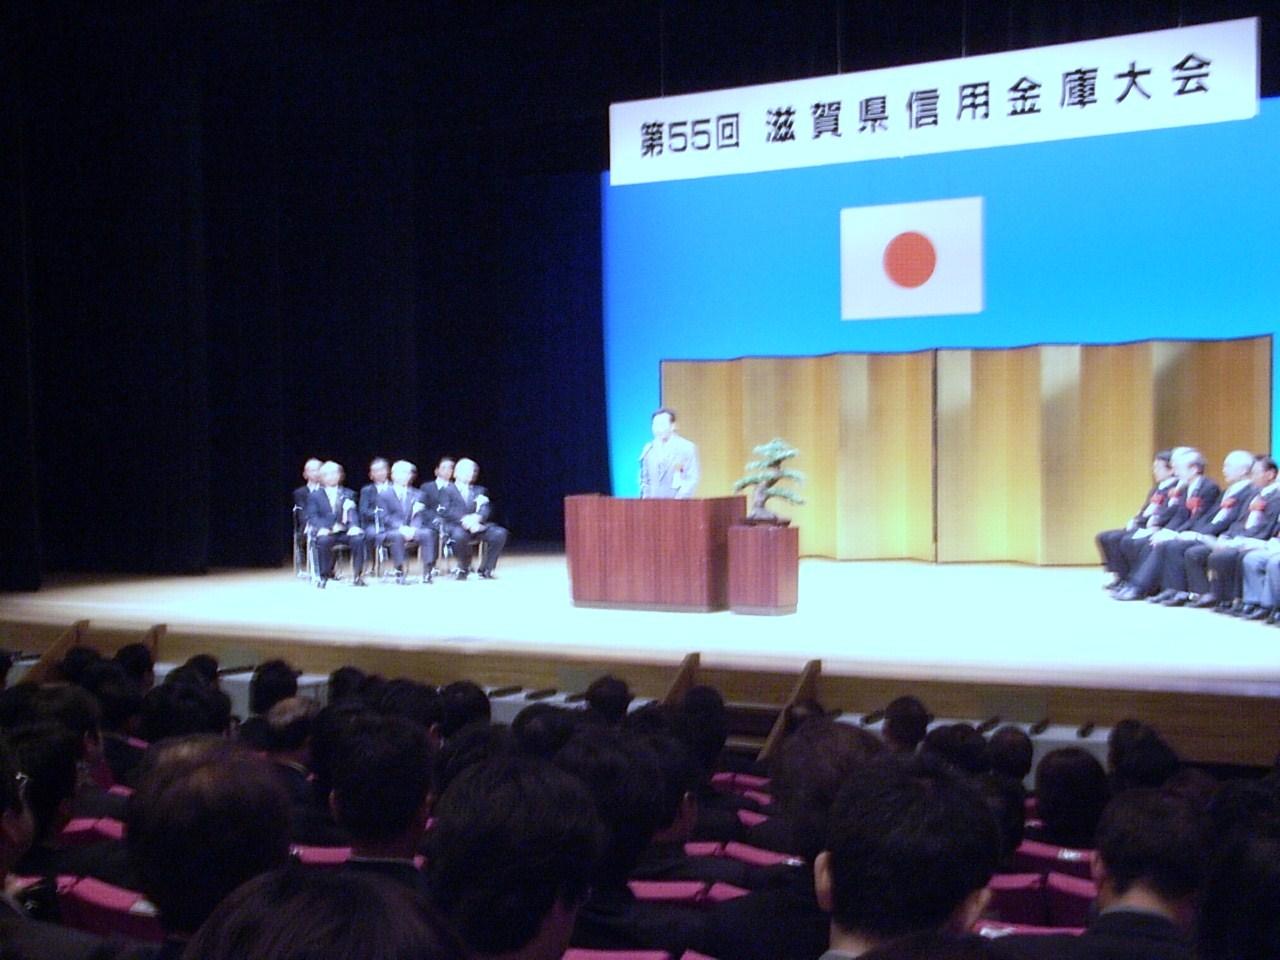 第55回滋賀県信用金庫大会